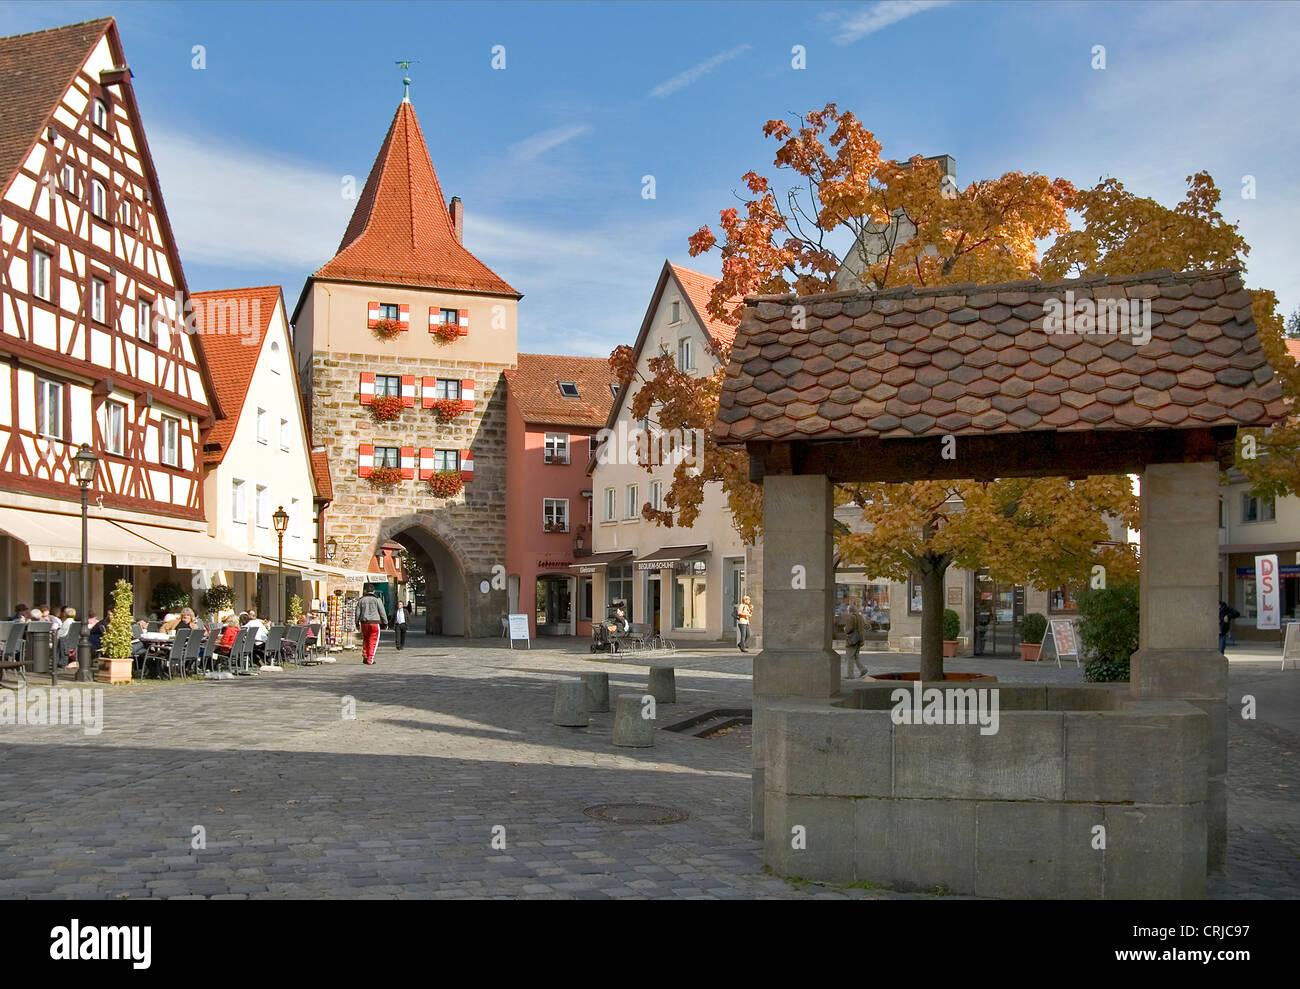 Lauf Germany - hotelroomsearch.net